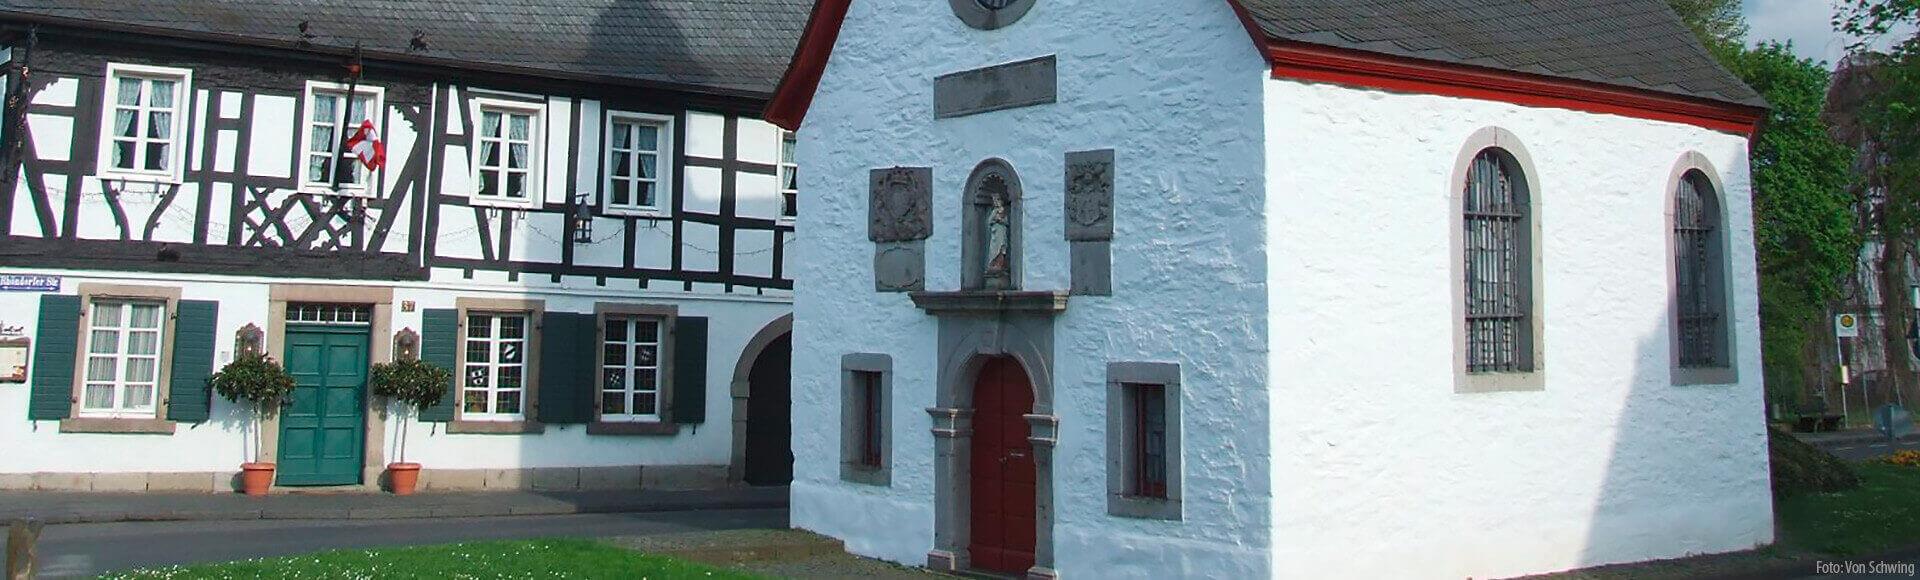 Rhöndorf mit Marienkapelle und Fachwerkhaus, Foto: Von Schwing